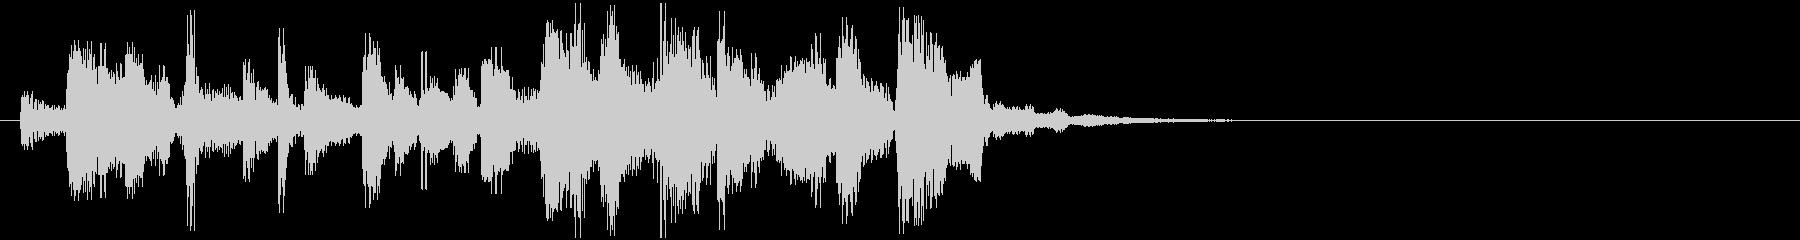 音楽ロゴ;ハッピーフィーリングのシ...の未再生の波形